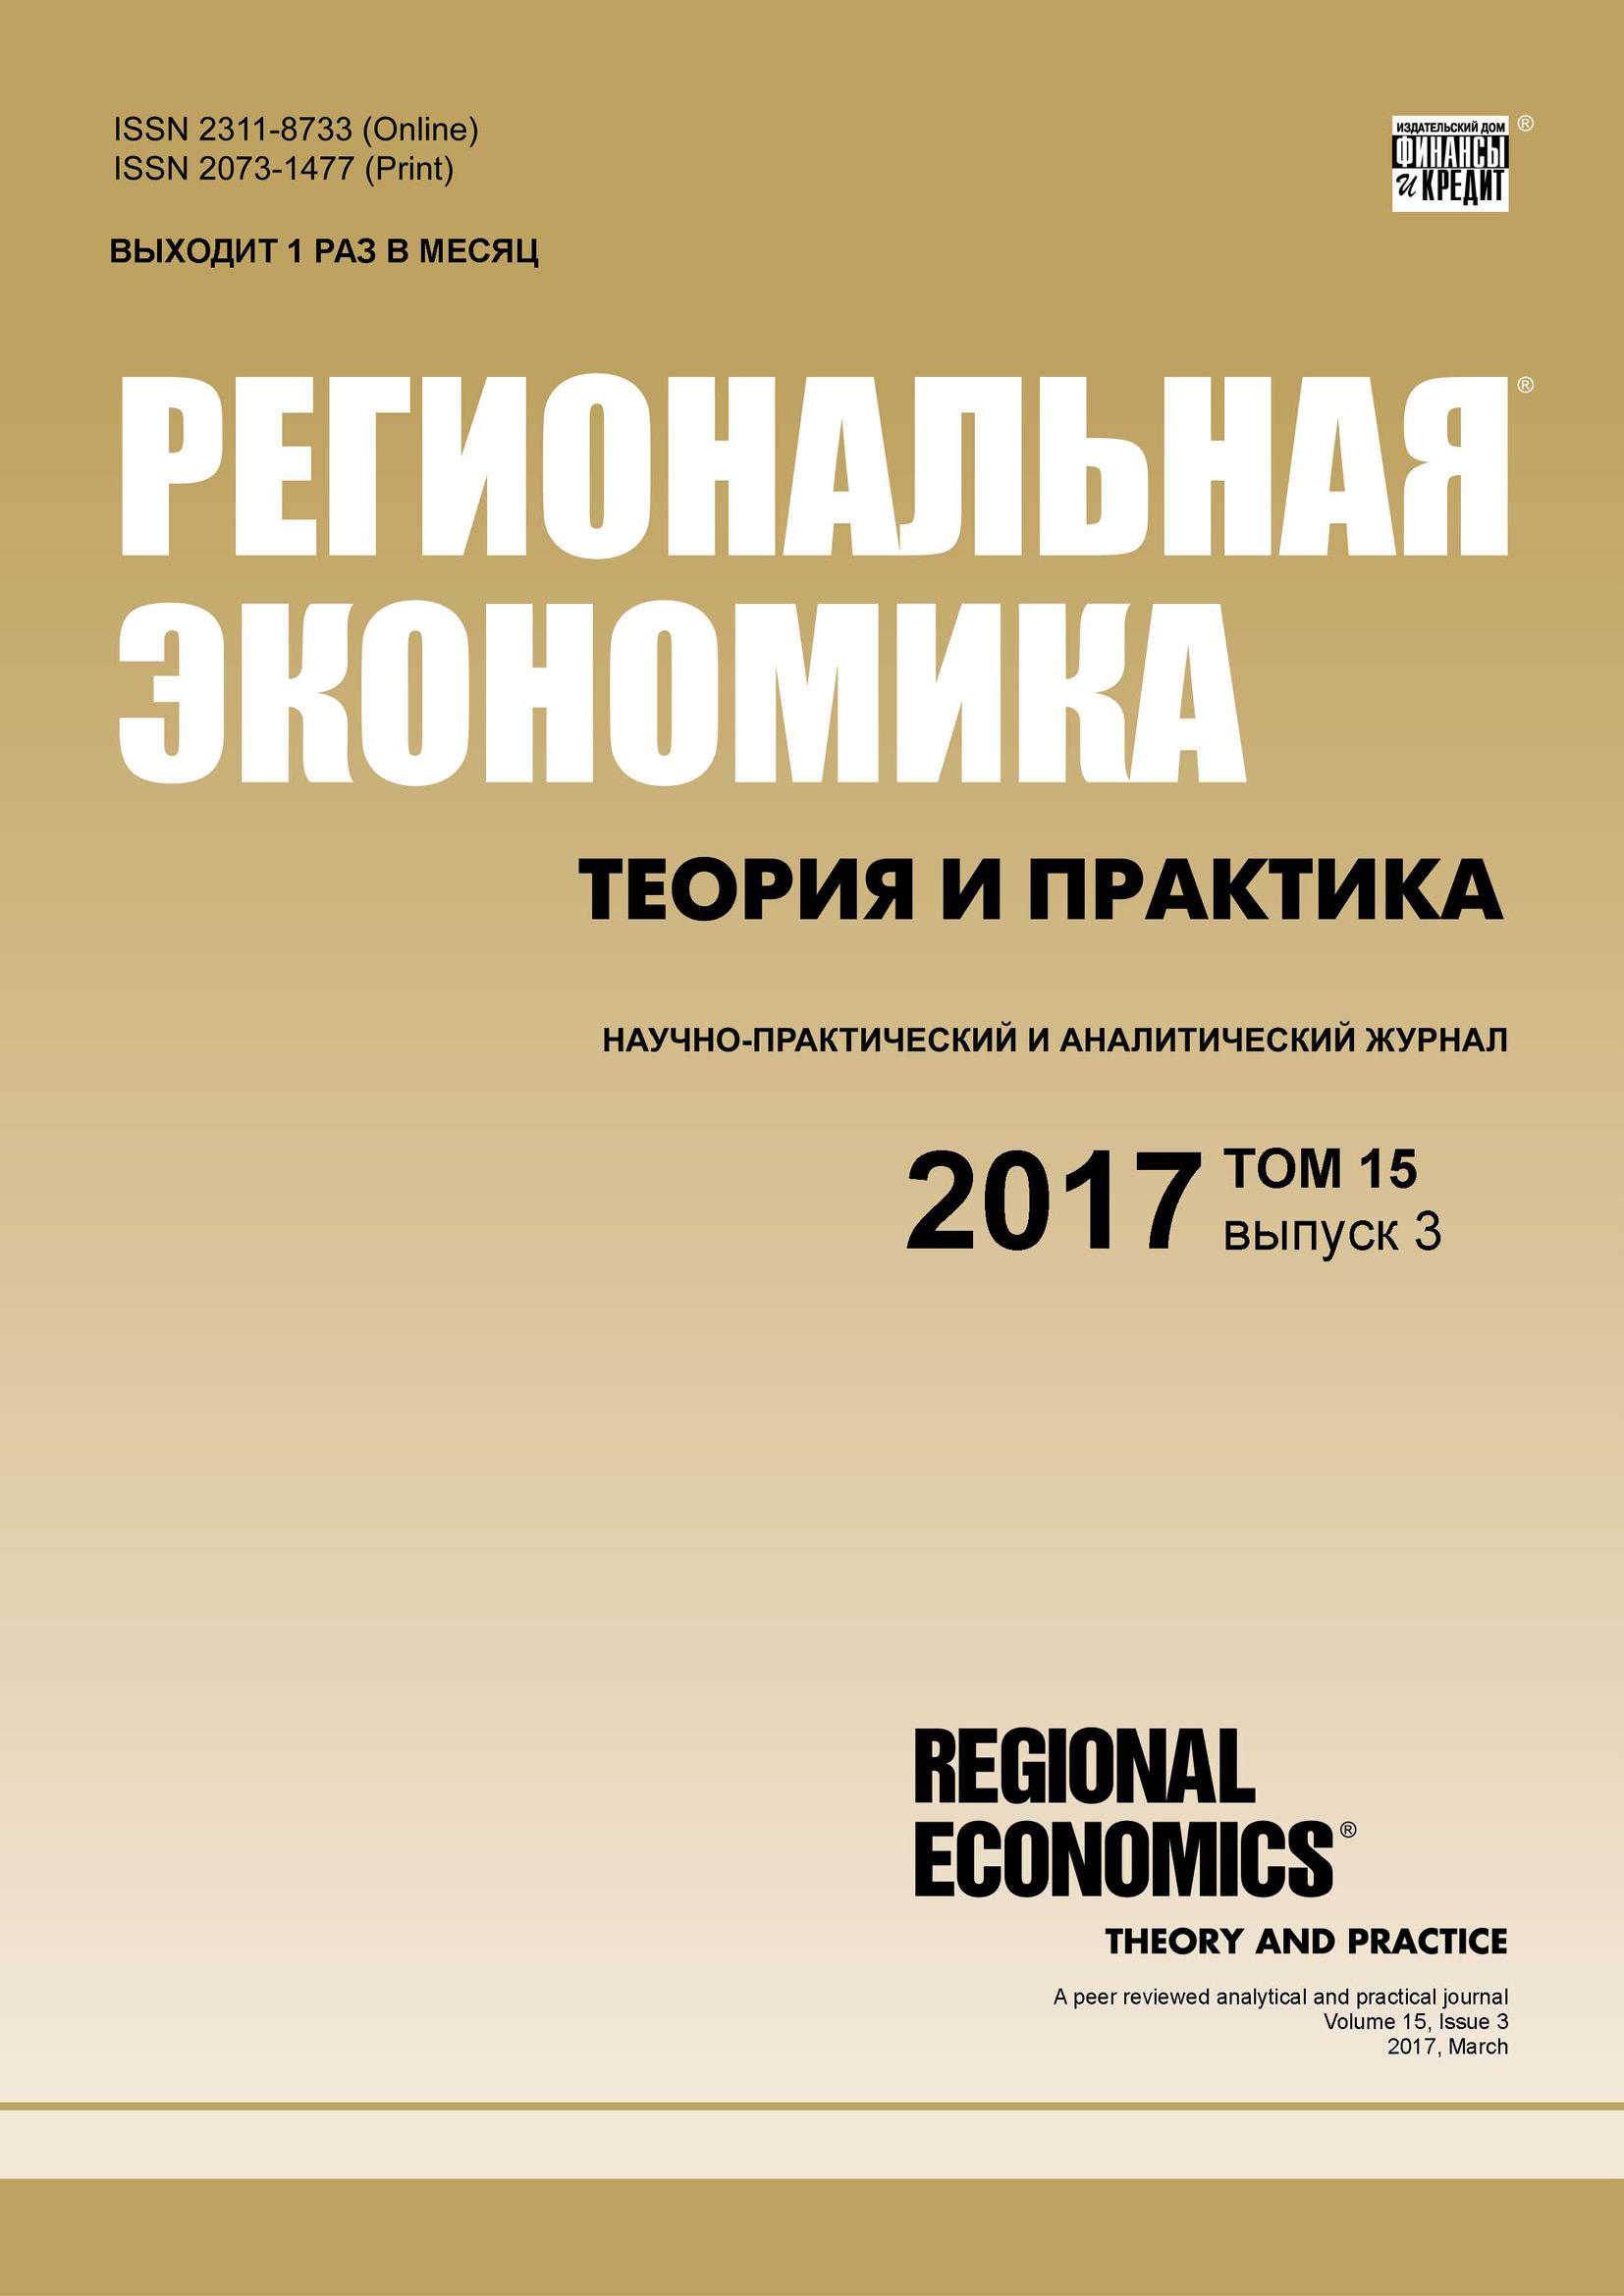 Отсутствует Региональная экономика: теория и практика № 3 2017 глушкова в эколого экономические проблемы россии и ее регионов